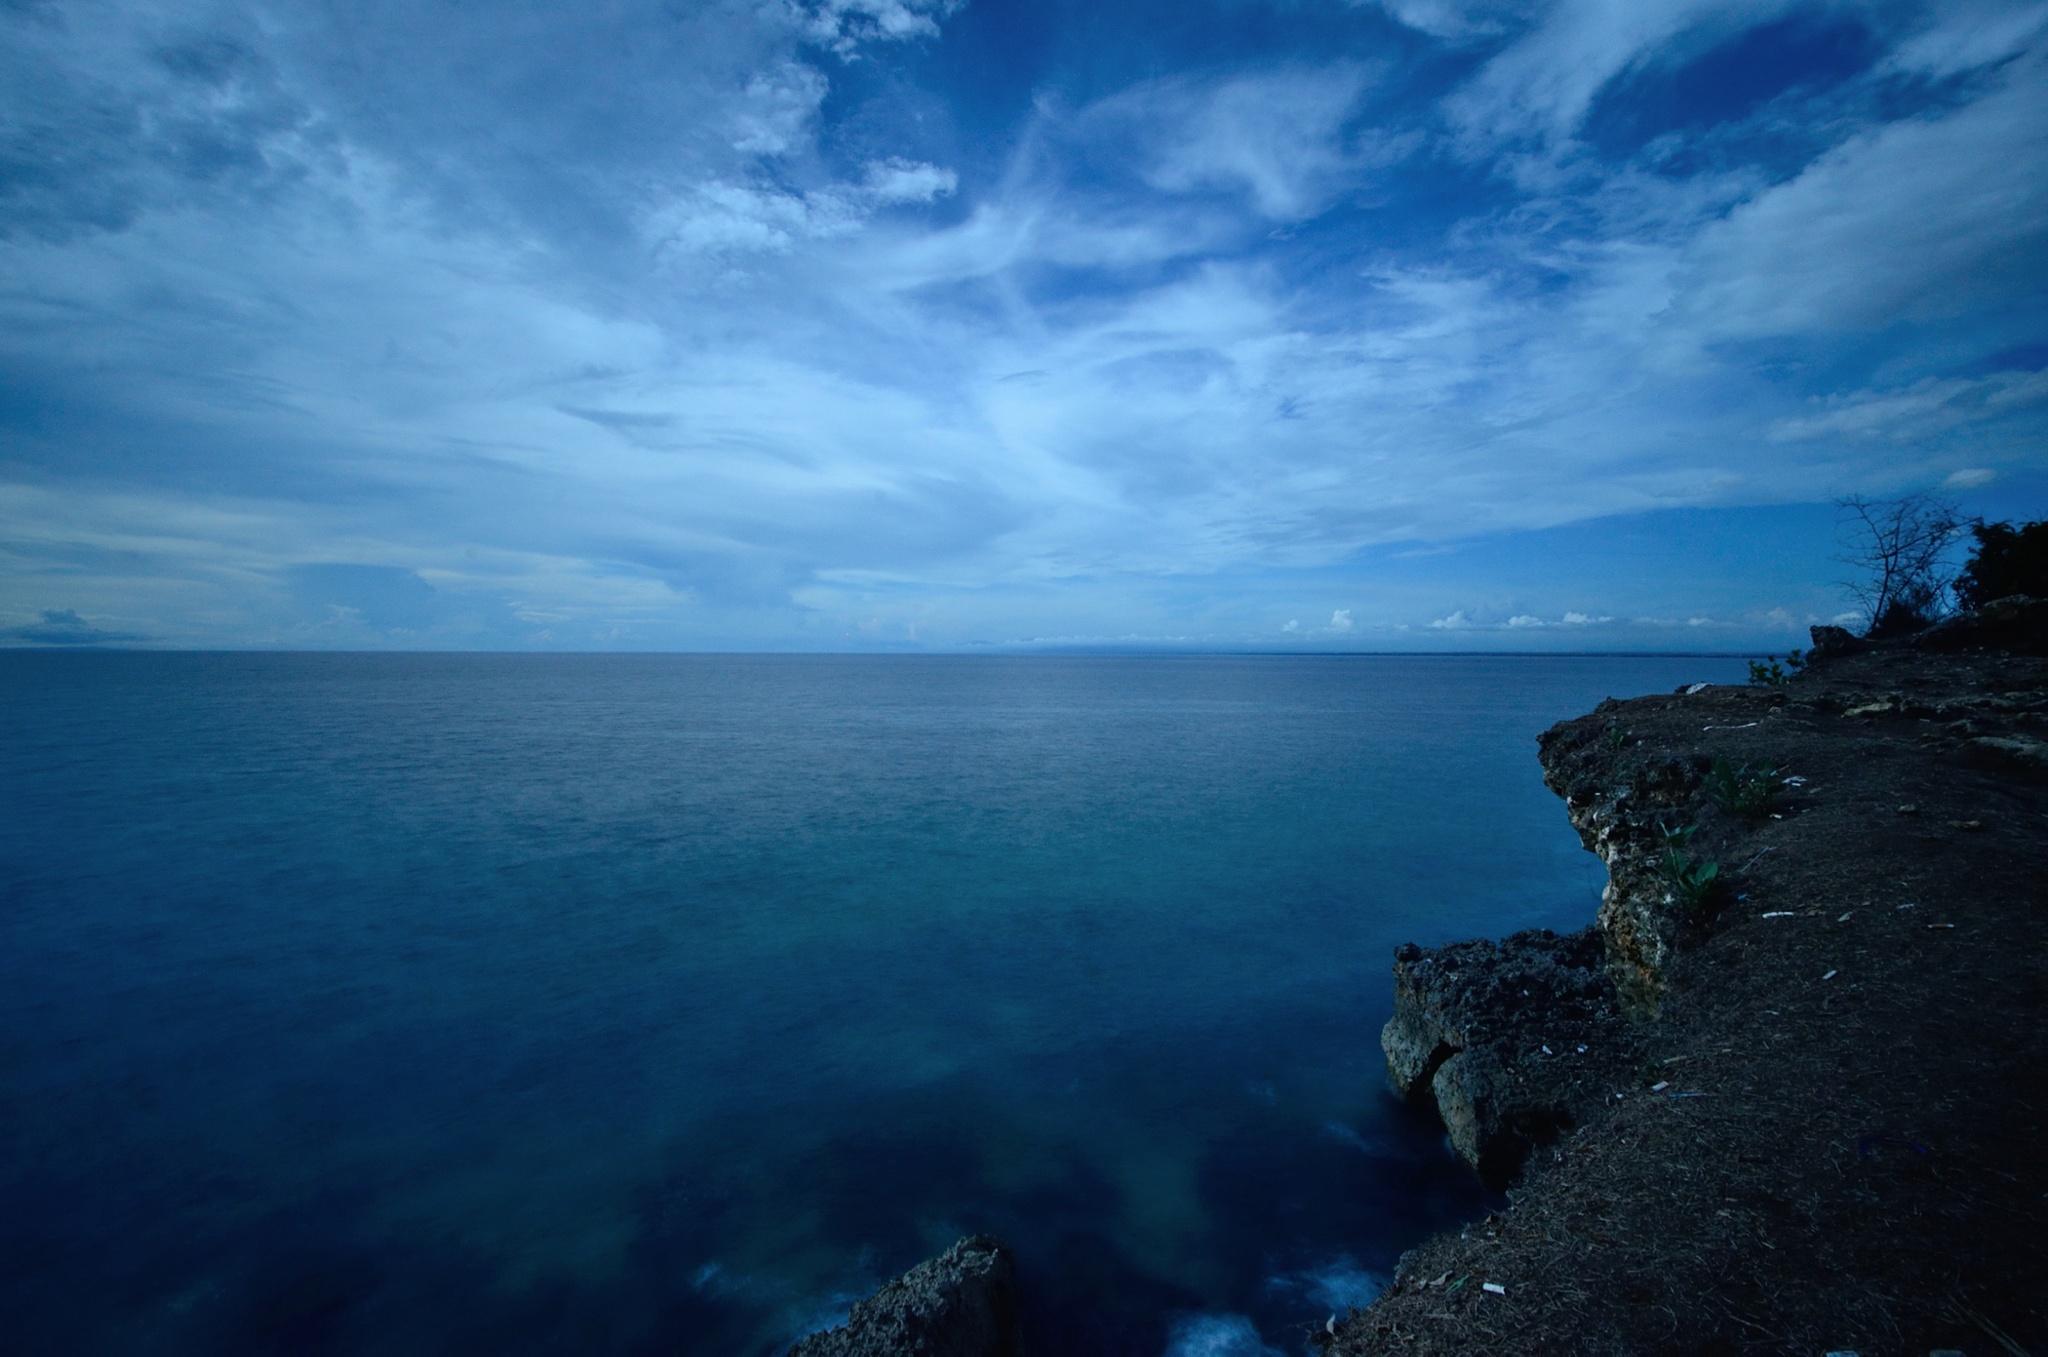 Blue Ocean by Yulius